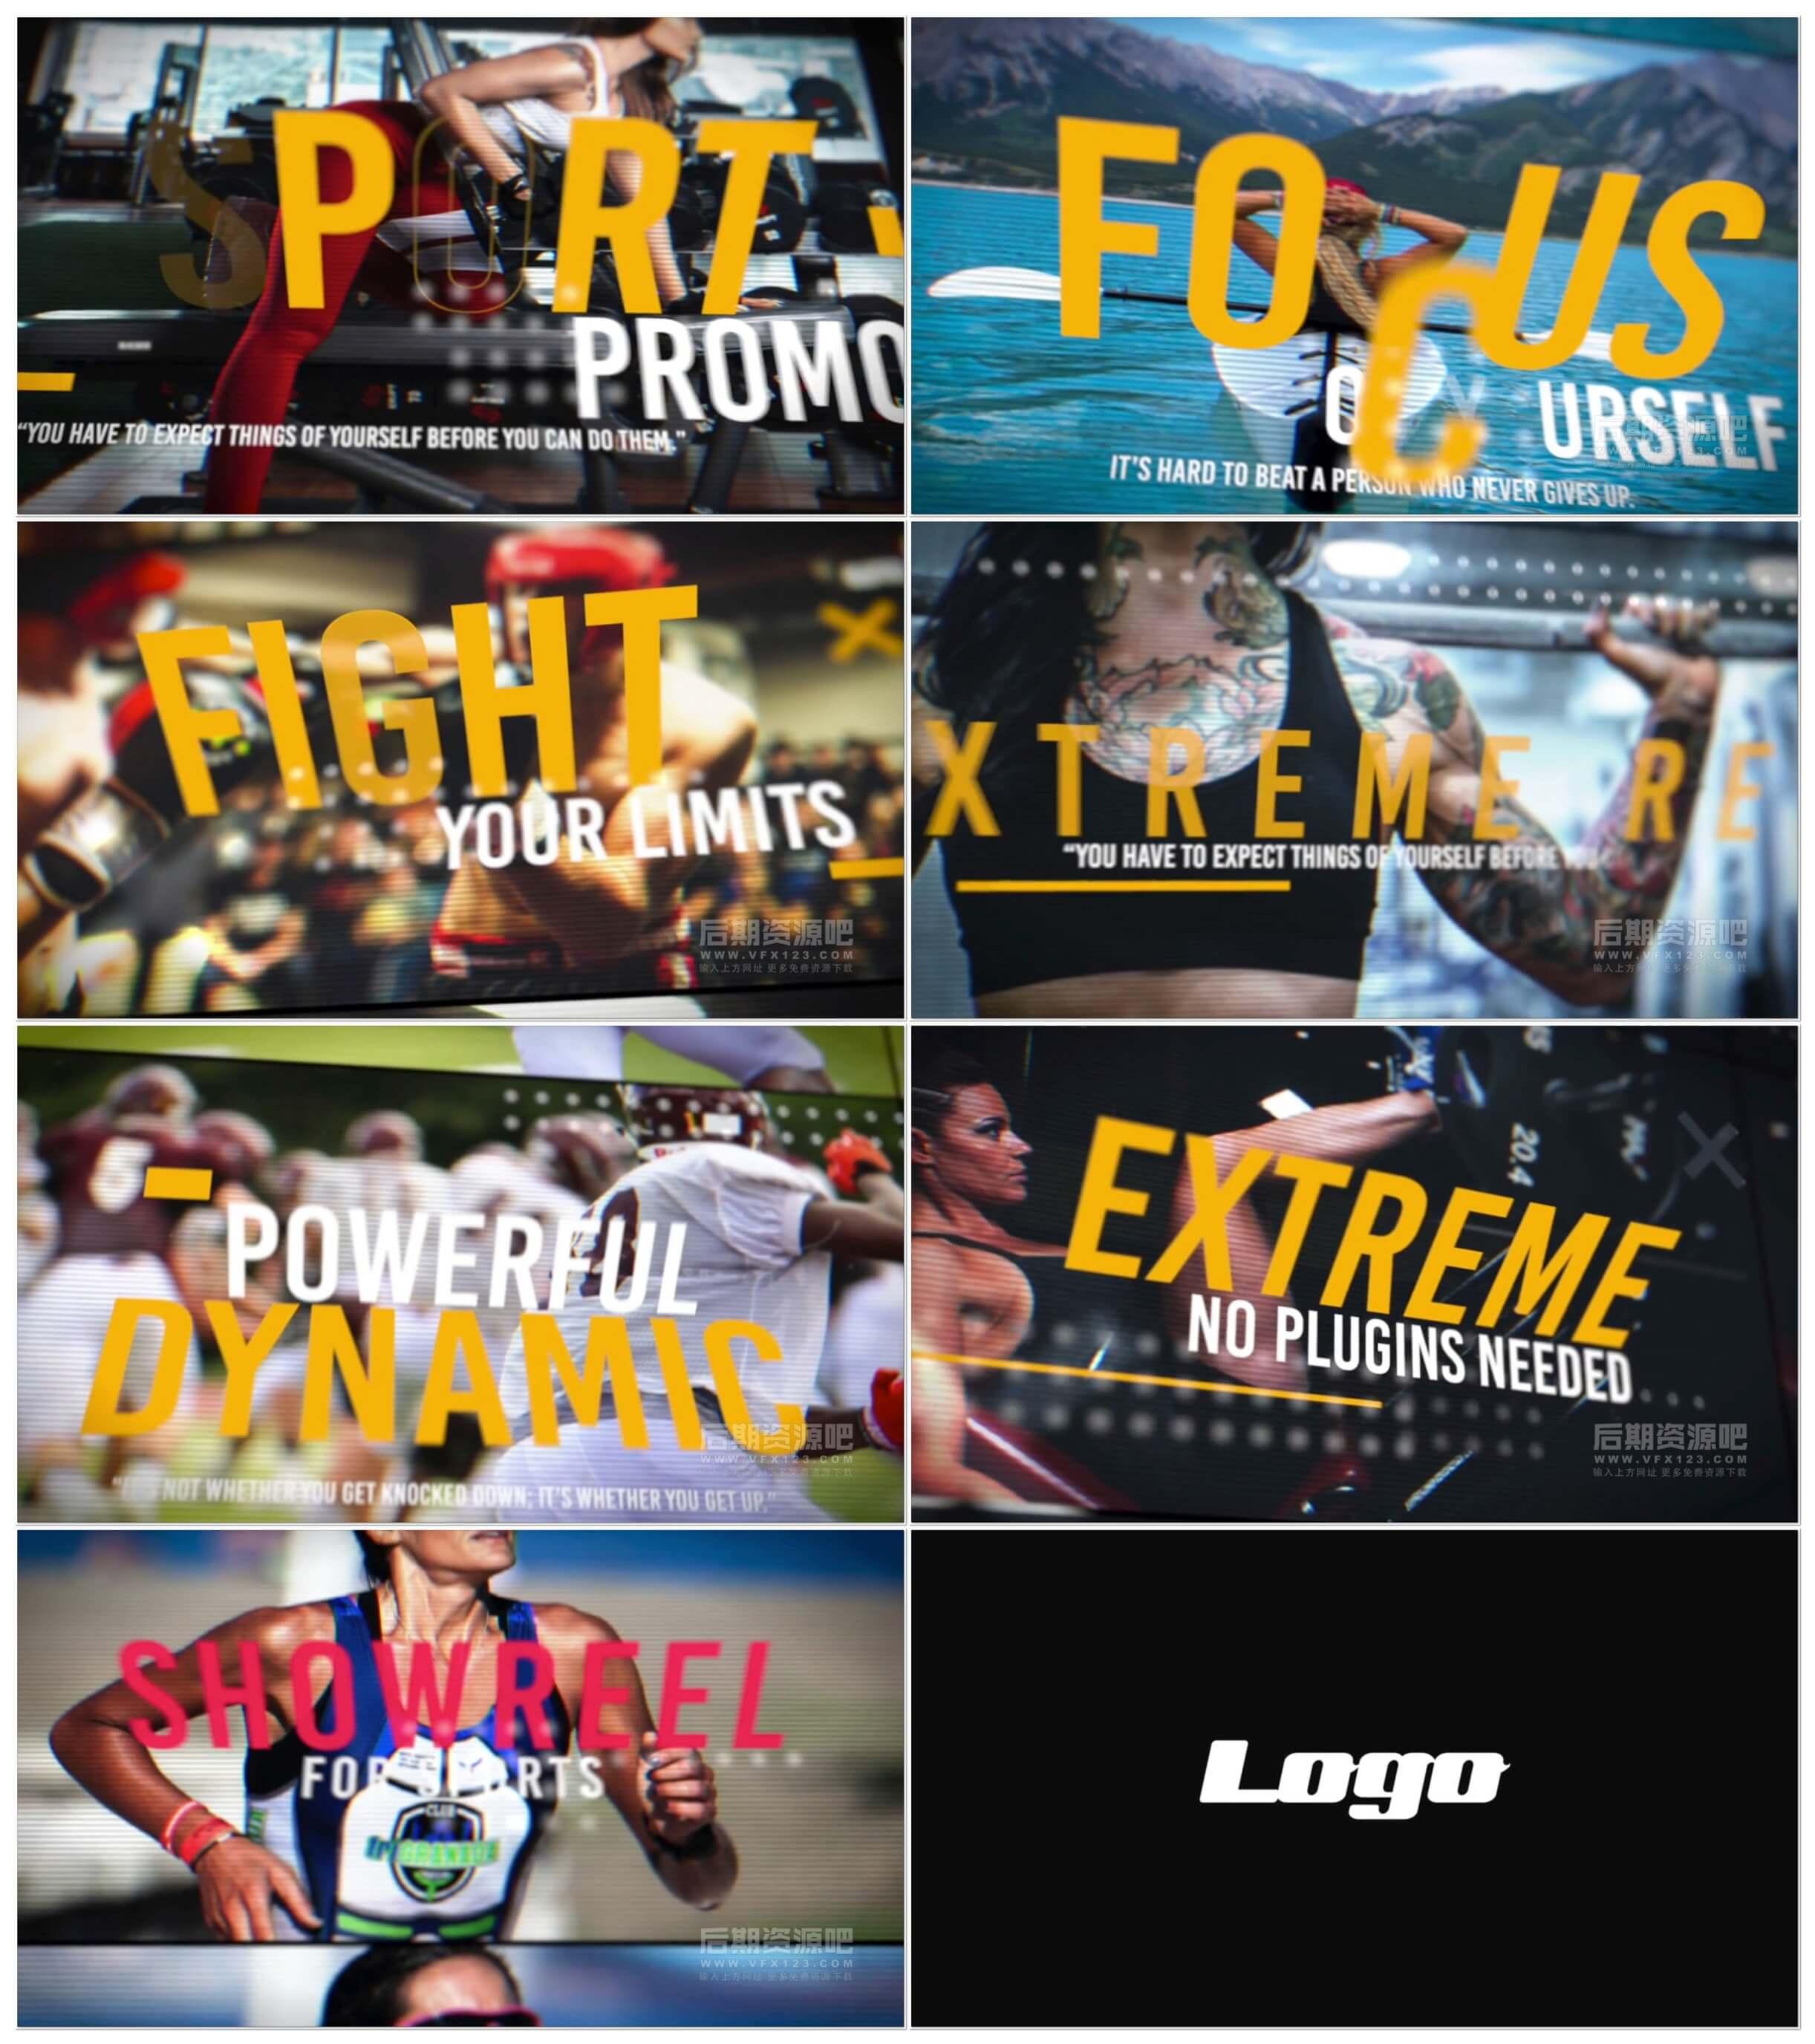 fcpx插件 激情体育运动类大标题推广片头模板 Sport Promo